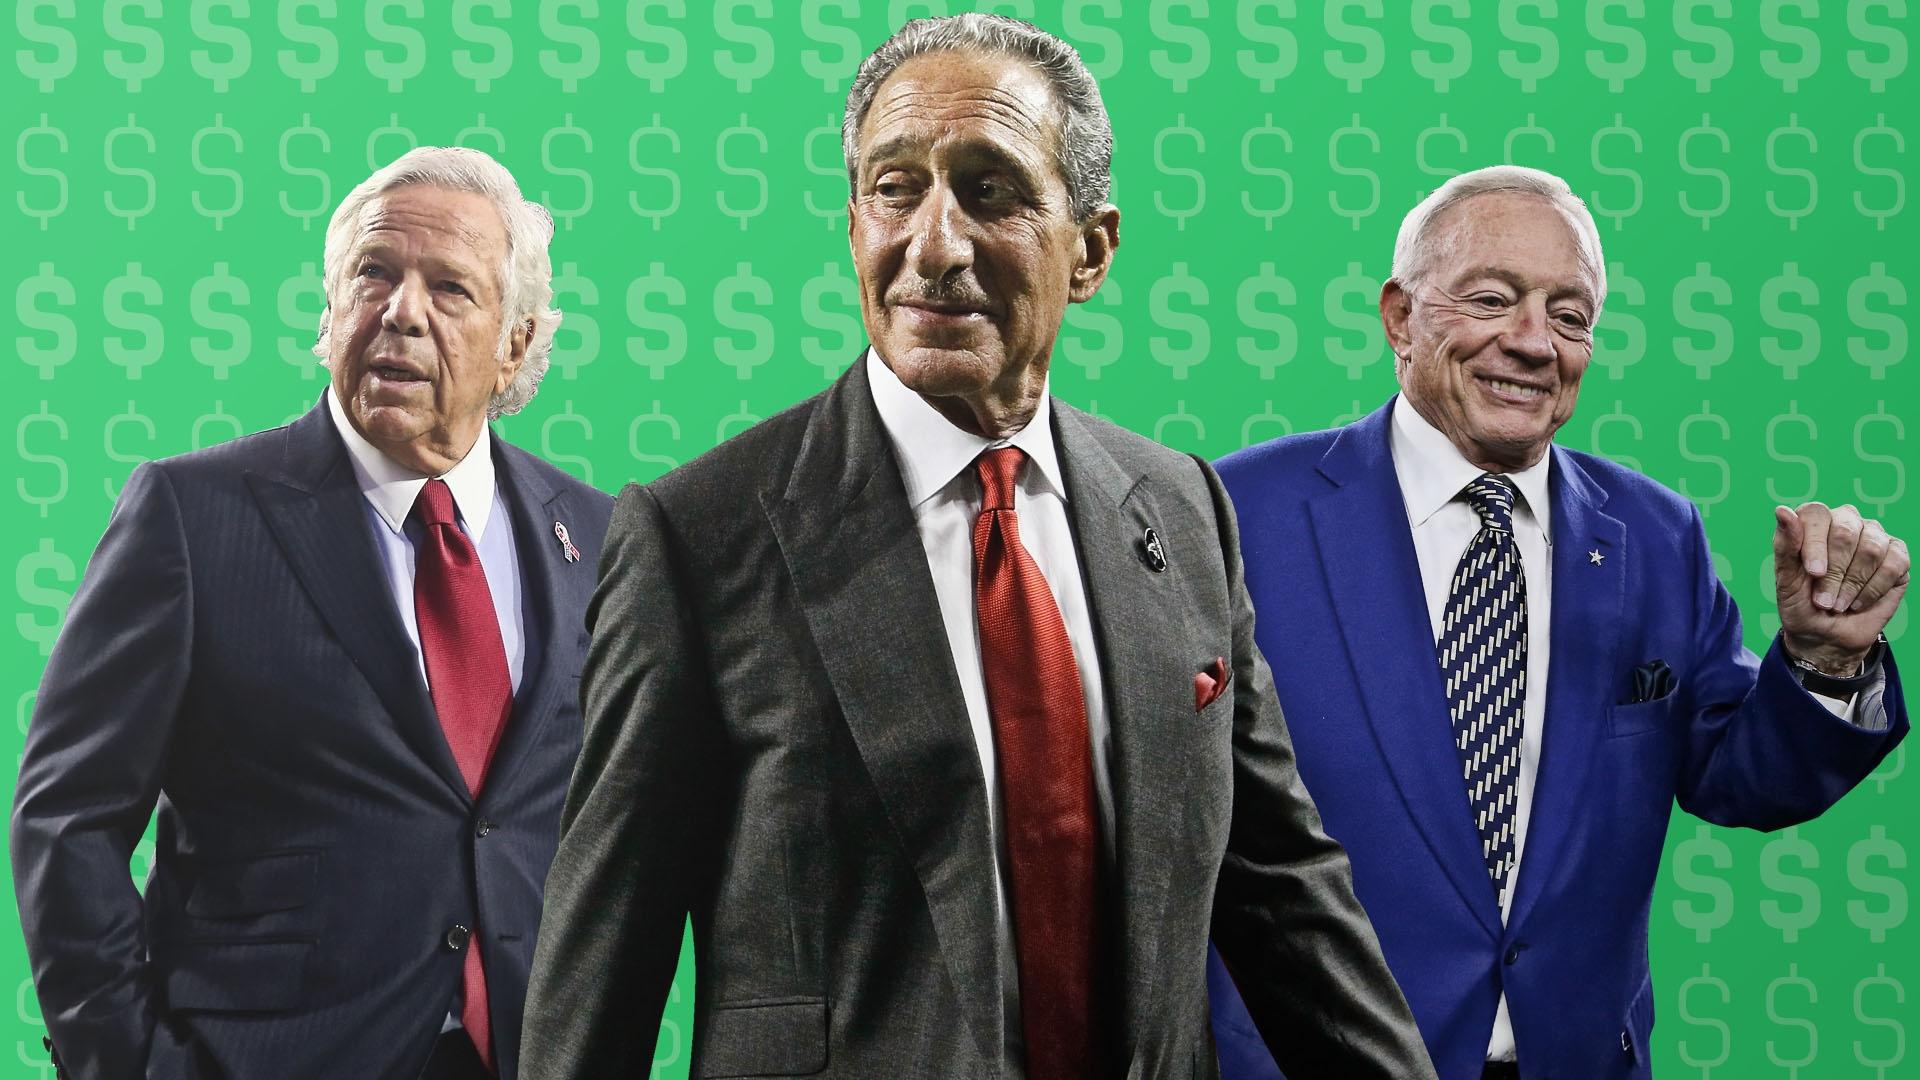 Nfl-richest-owners-053118-getty-ftr_16c9l9lni9cp714zgyrohtaj93